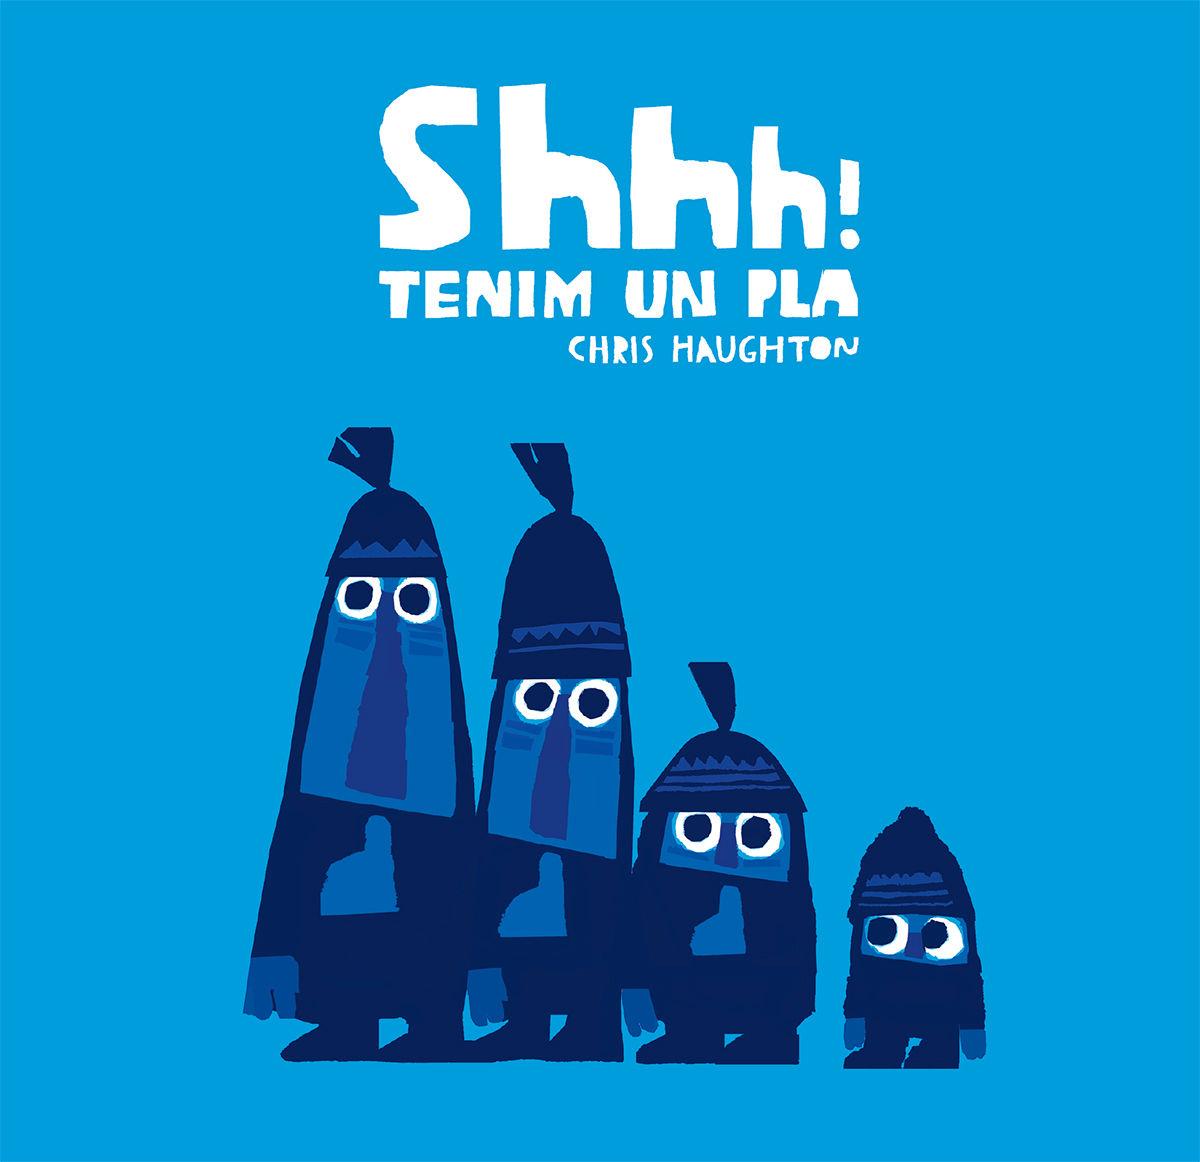 SHHH TENIM UN PLA - CAT - NE